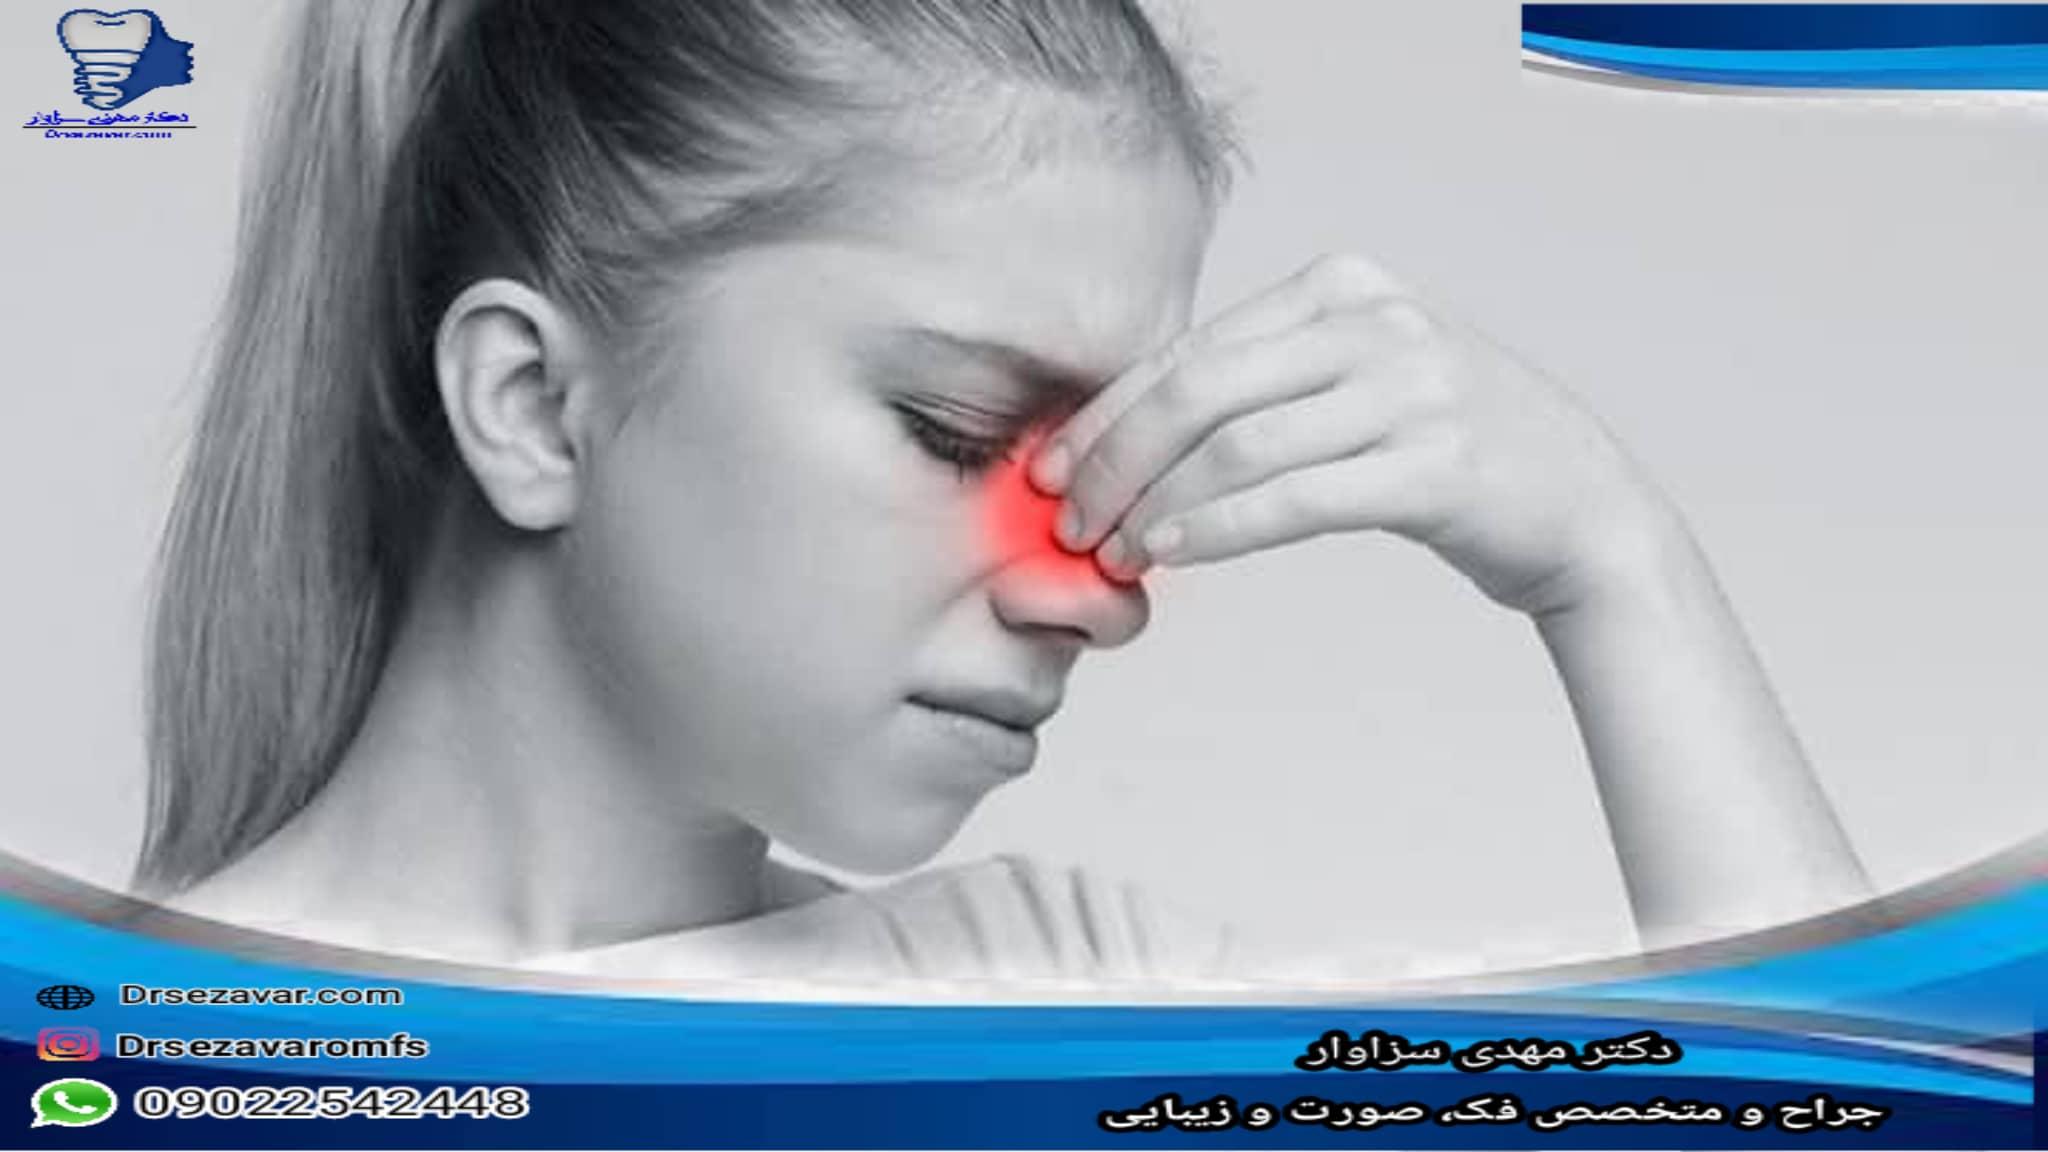 بهترین راه برای درمان پولیپ بینی